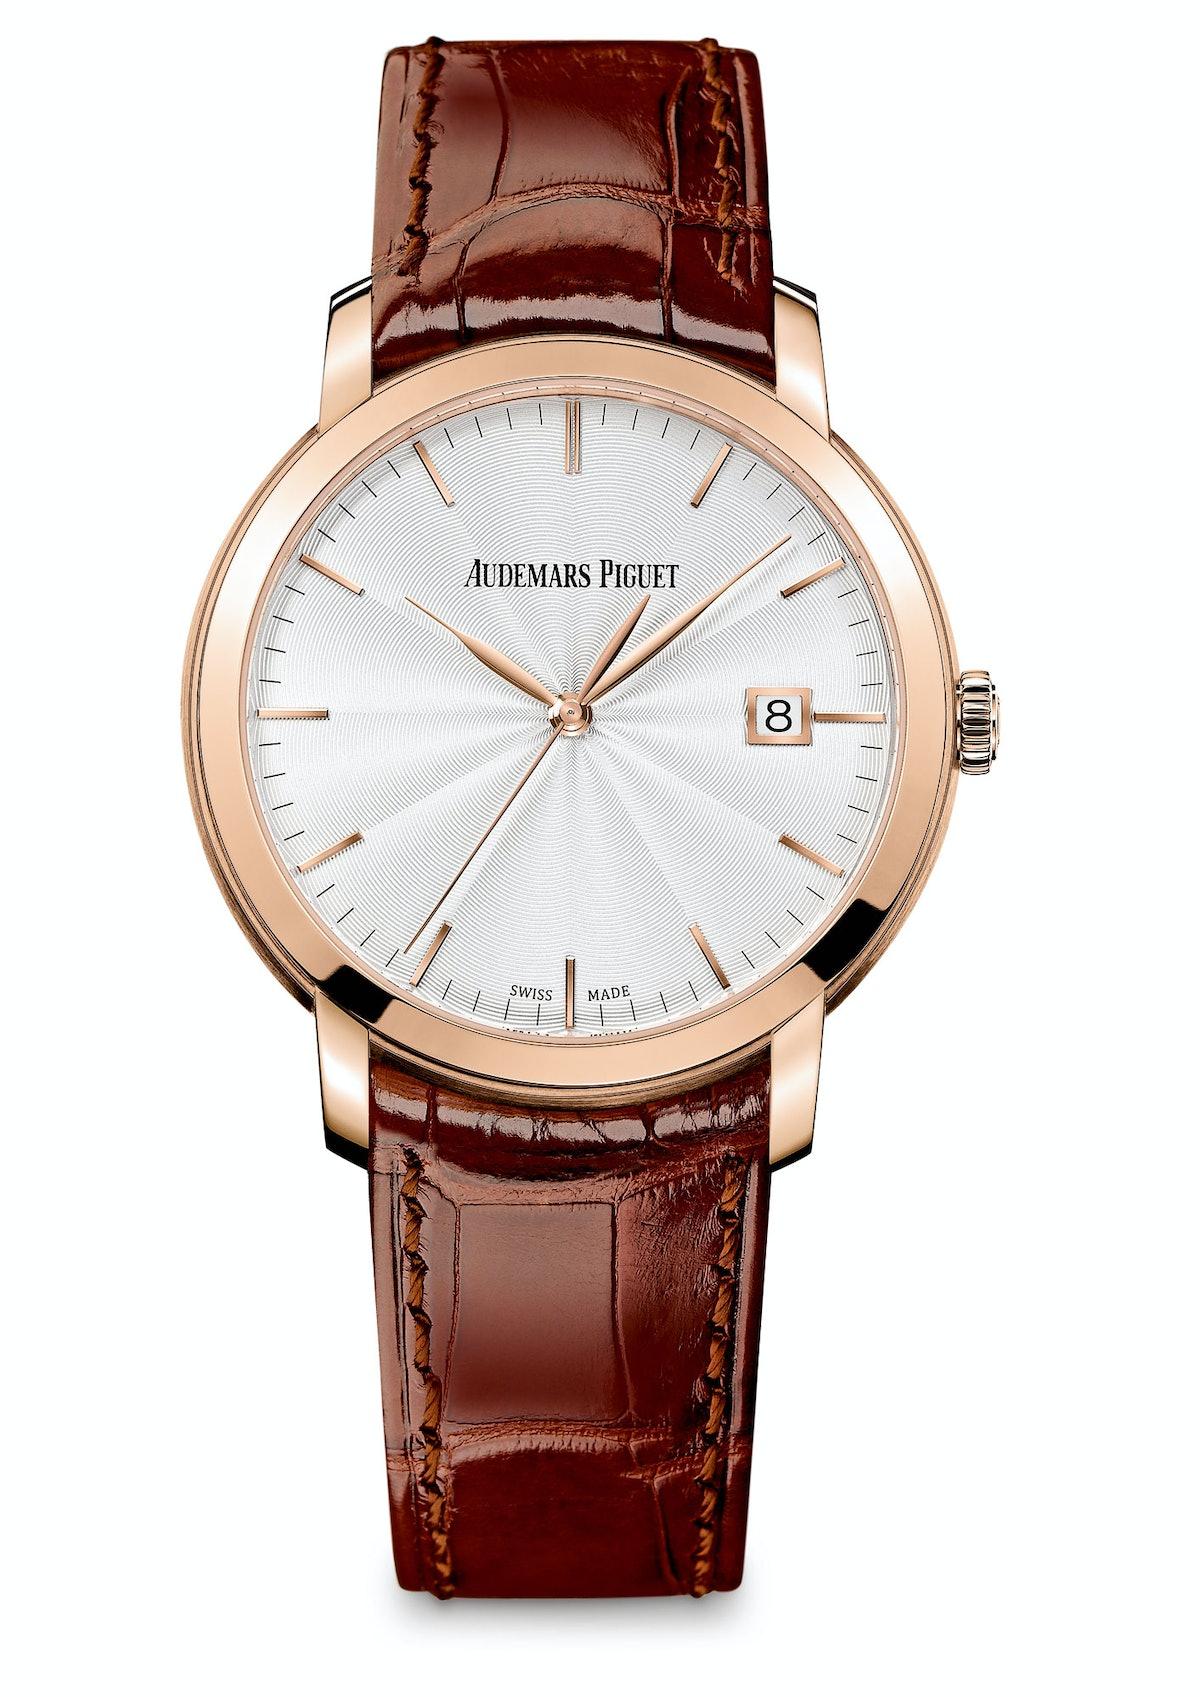 Audemars Piguet gold watch, $21,800, audemarspiguet.com.